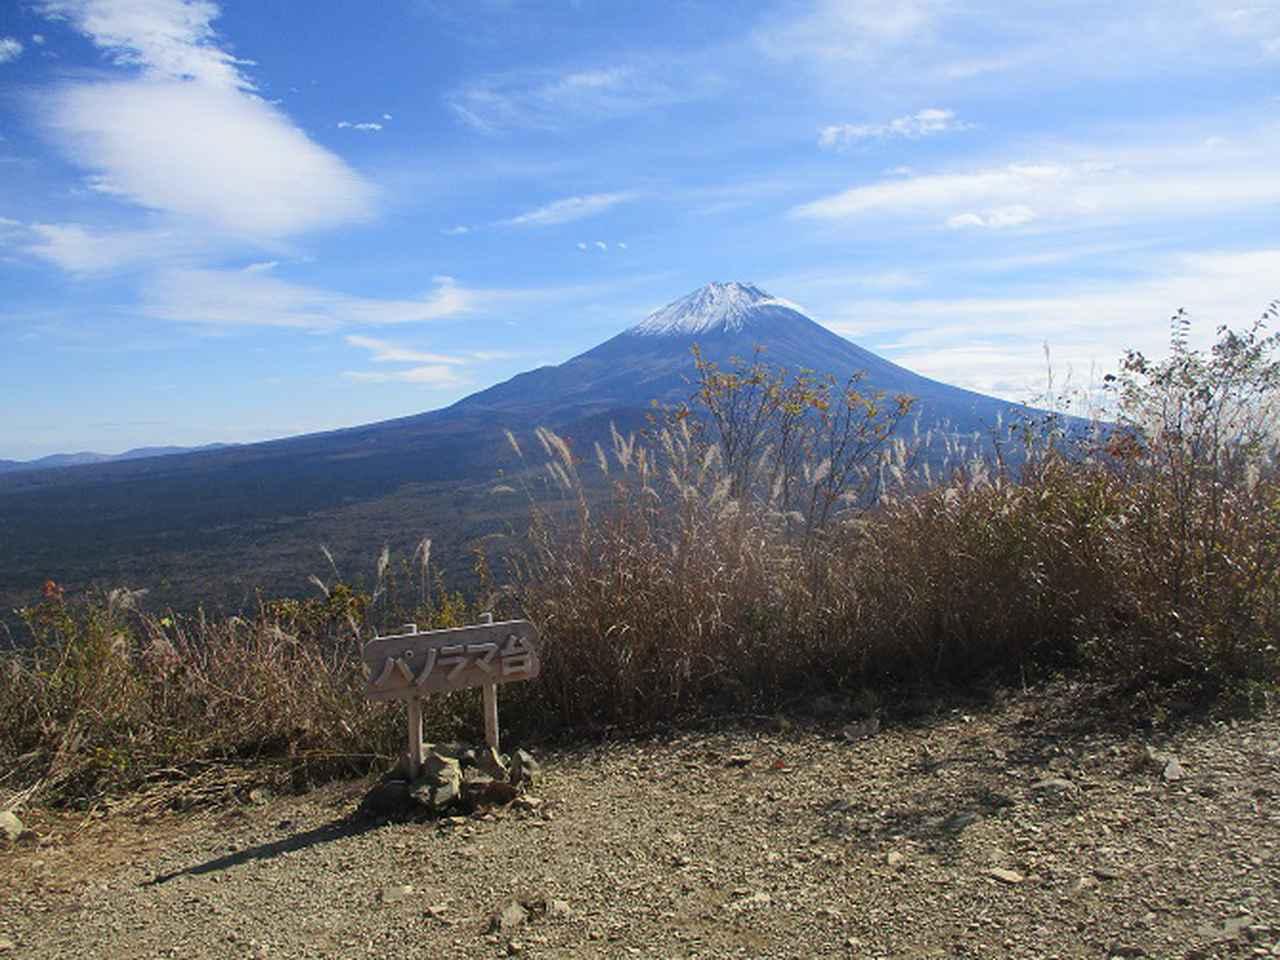 画像6: 11月7日に山旅会 烏帽子岳からパノラマ台 ツアーに行ってきました!